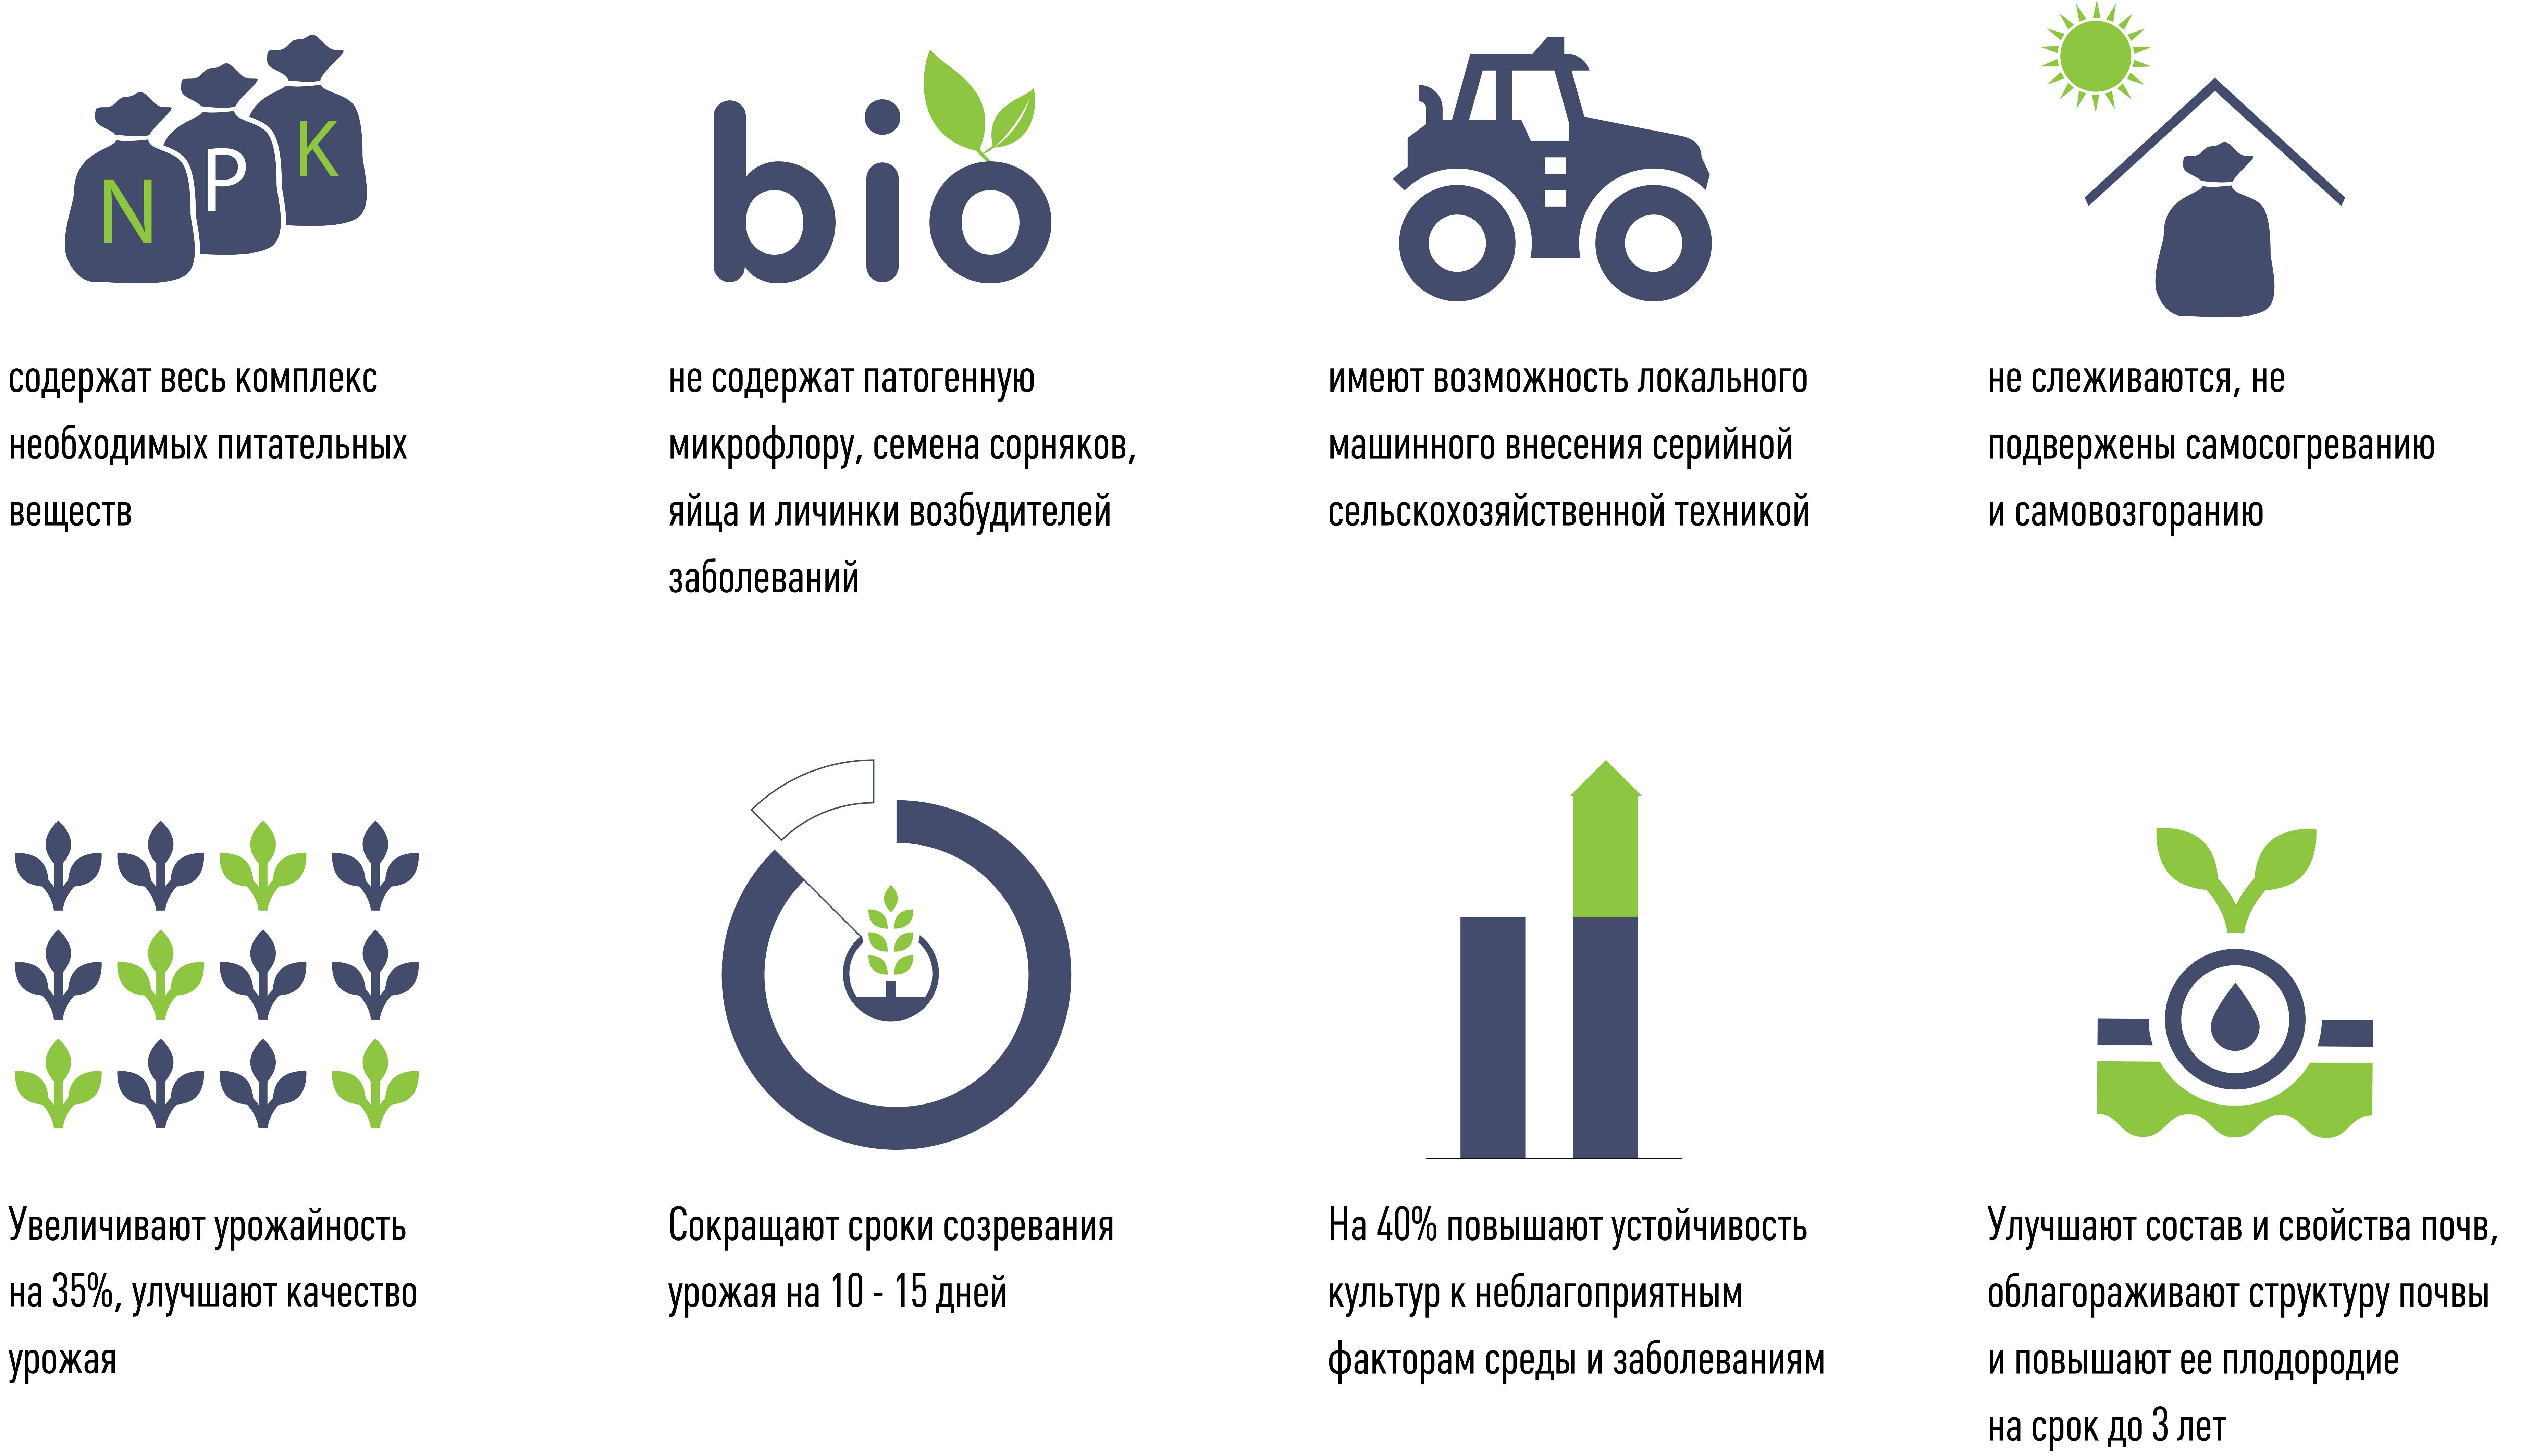 Удобрения: виды, классификация, применение, польза, как правильно выбрать и использовать подкормку